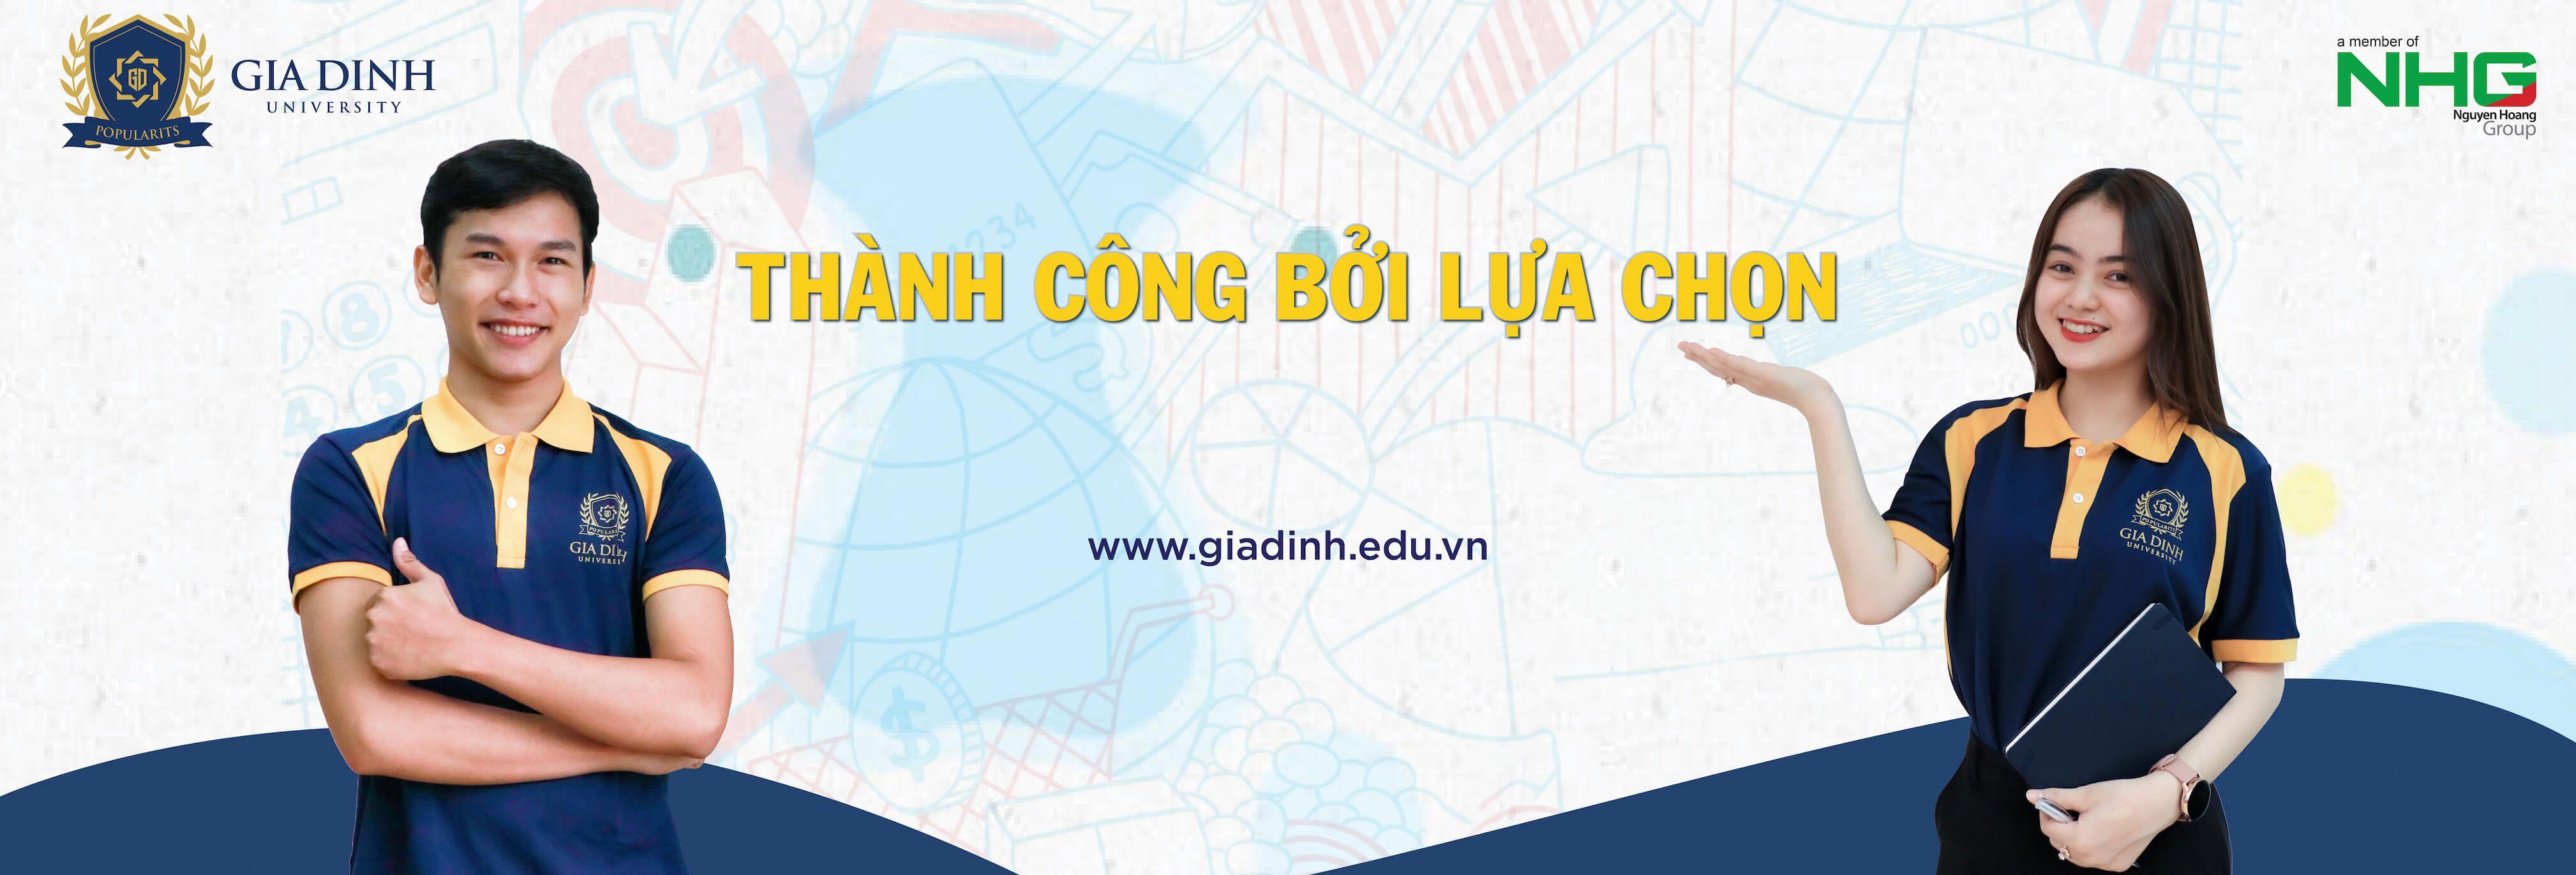 Tuyển sinh 2020 - Đại học Gia Định